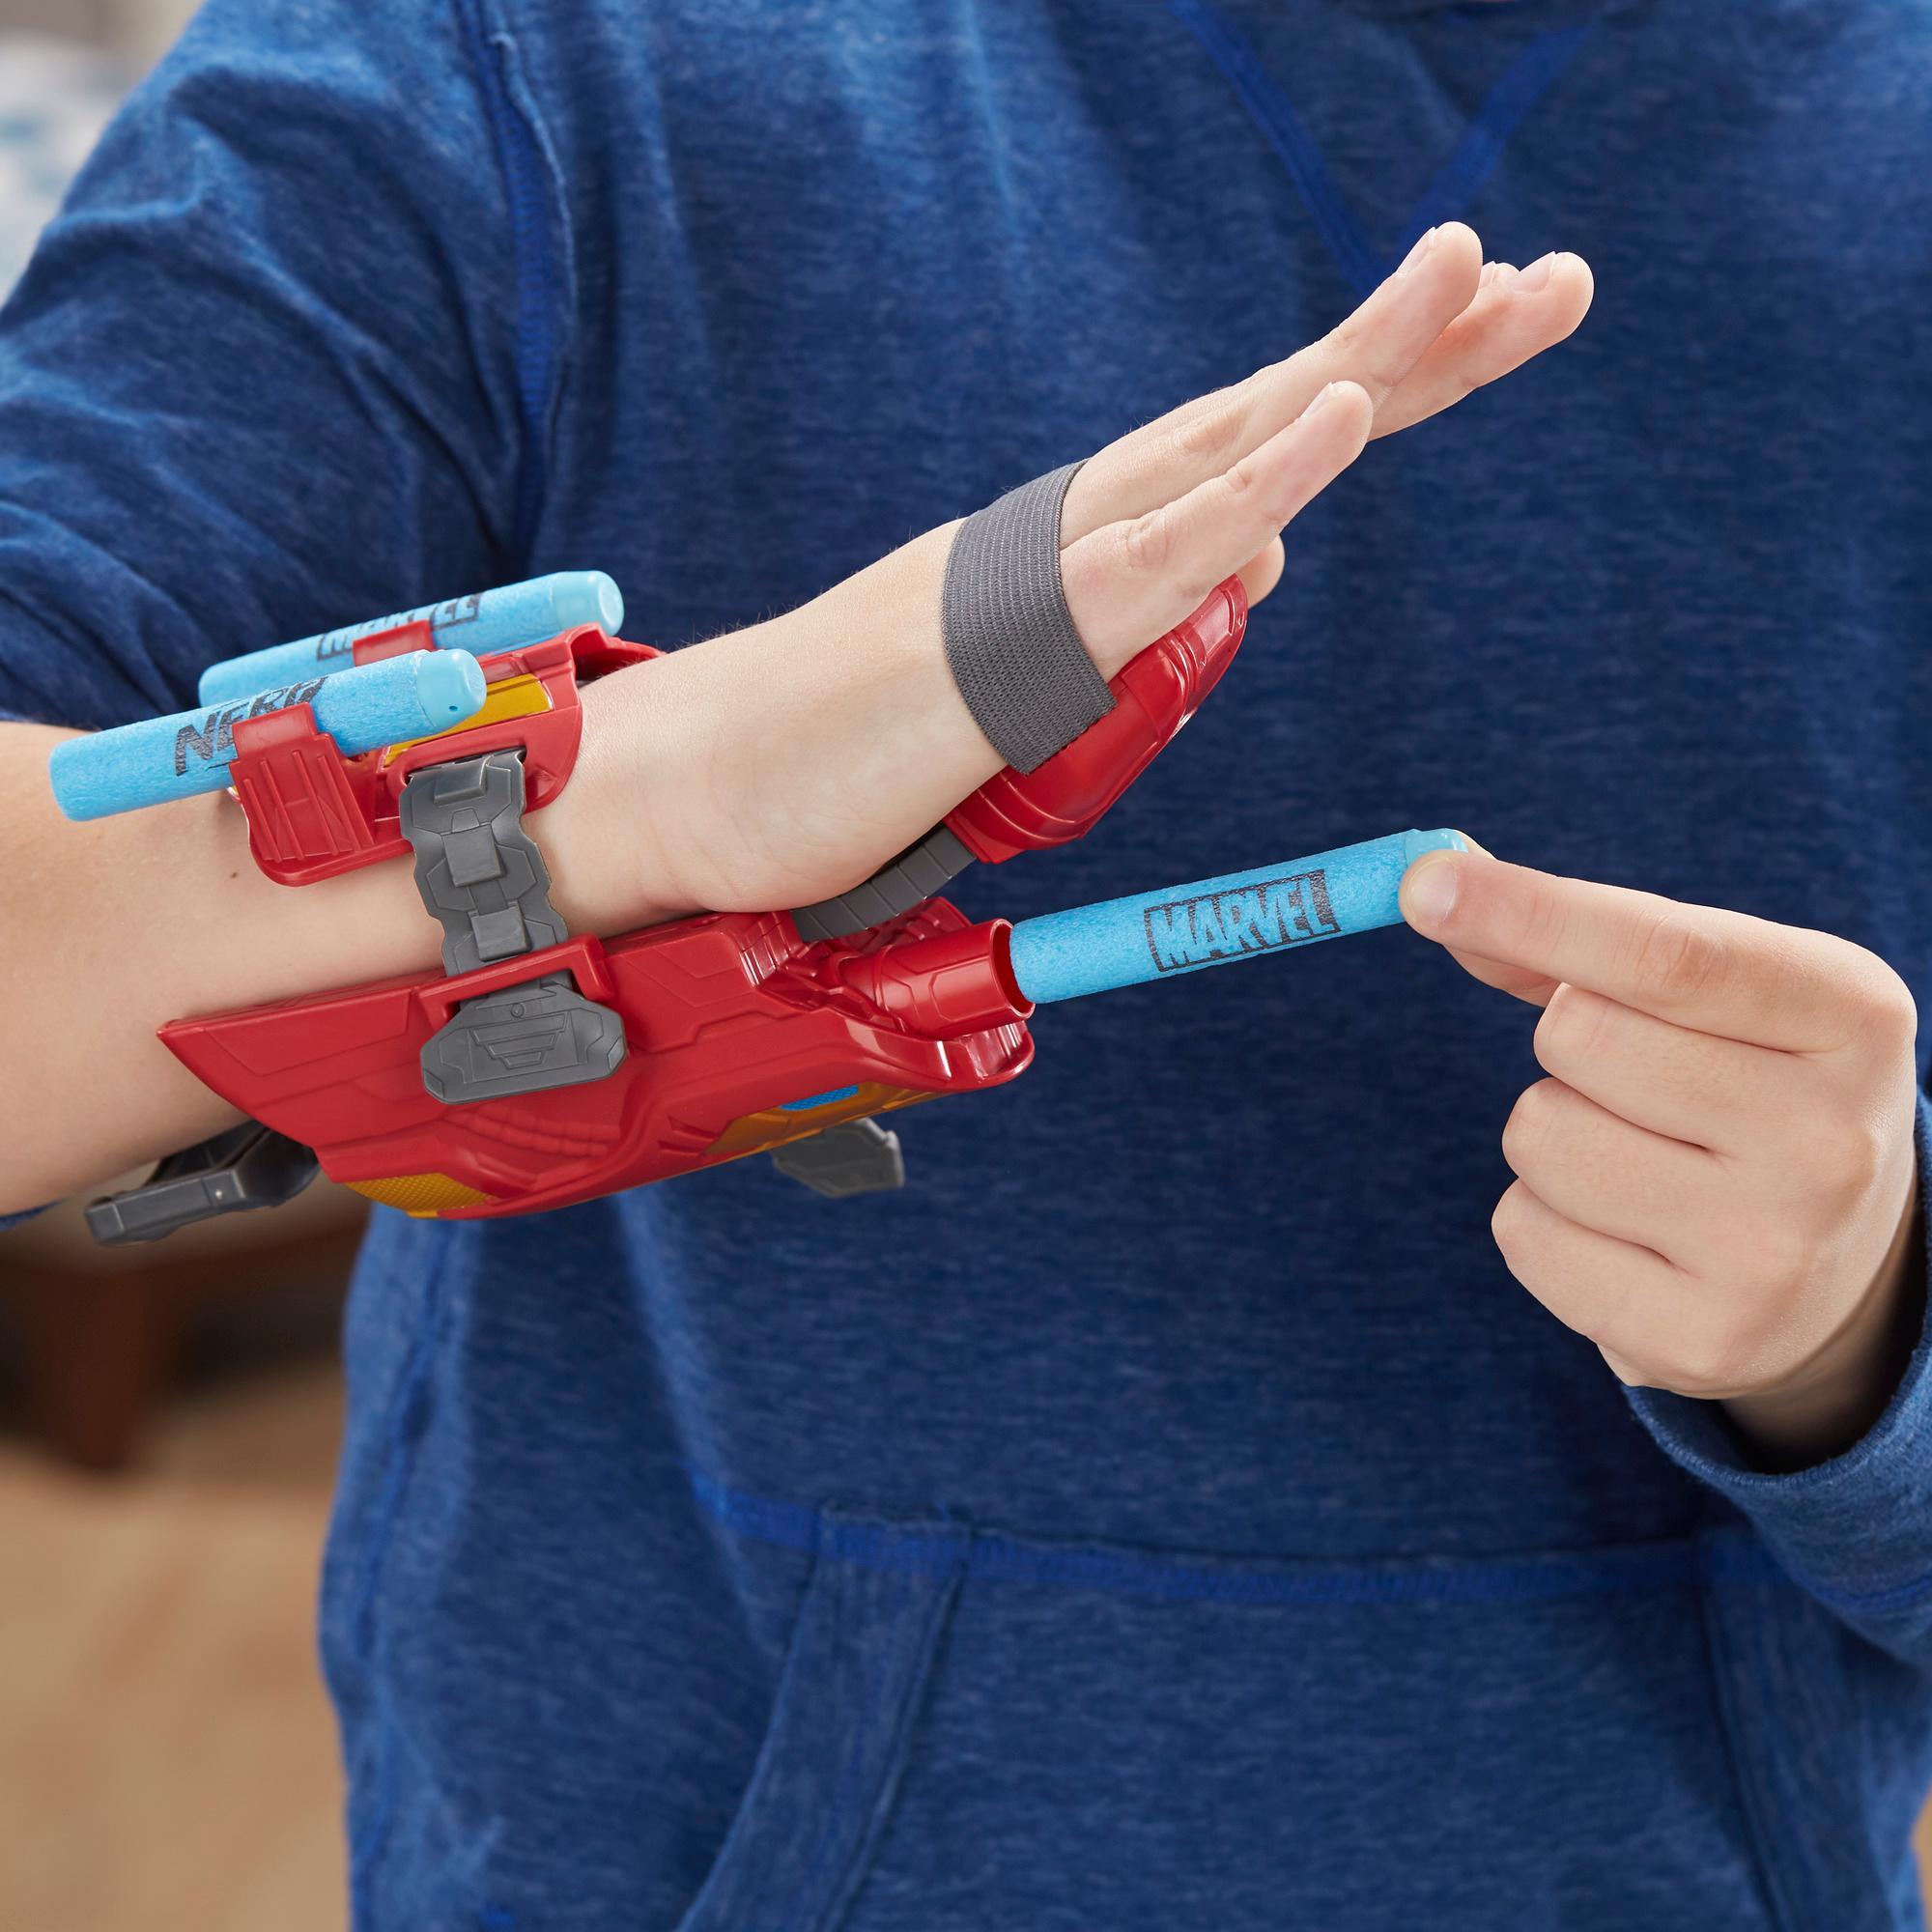 Marvel Avengers Gant Foudroyeur à répulsion Iron Man avec fléchettes Nerf pour jeu de rôle et de déguisement